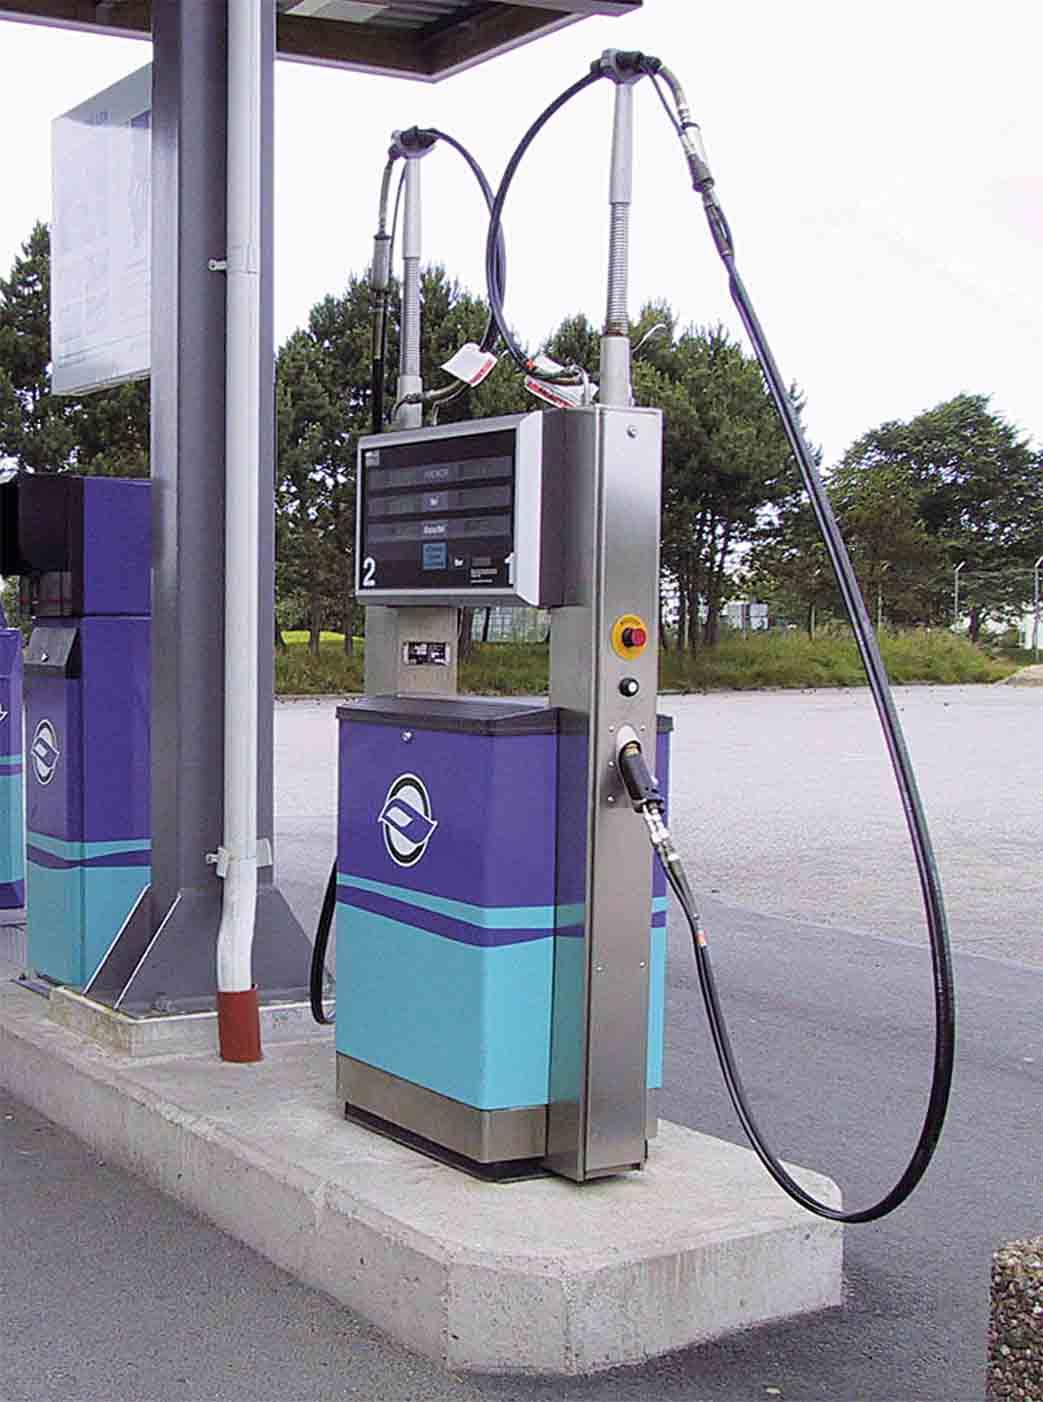 Manca un distributore di metano nella zona